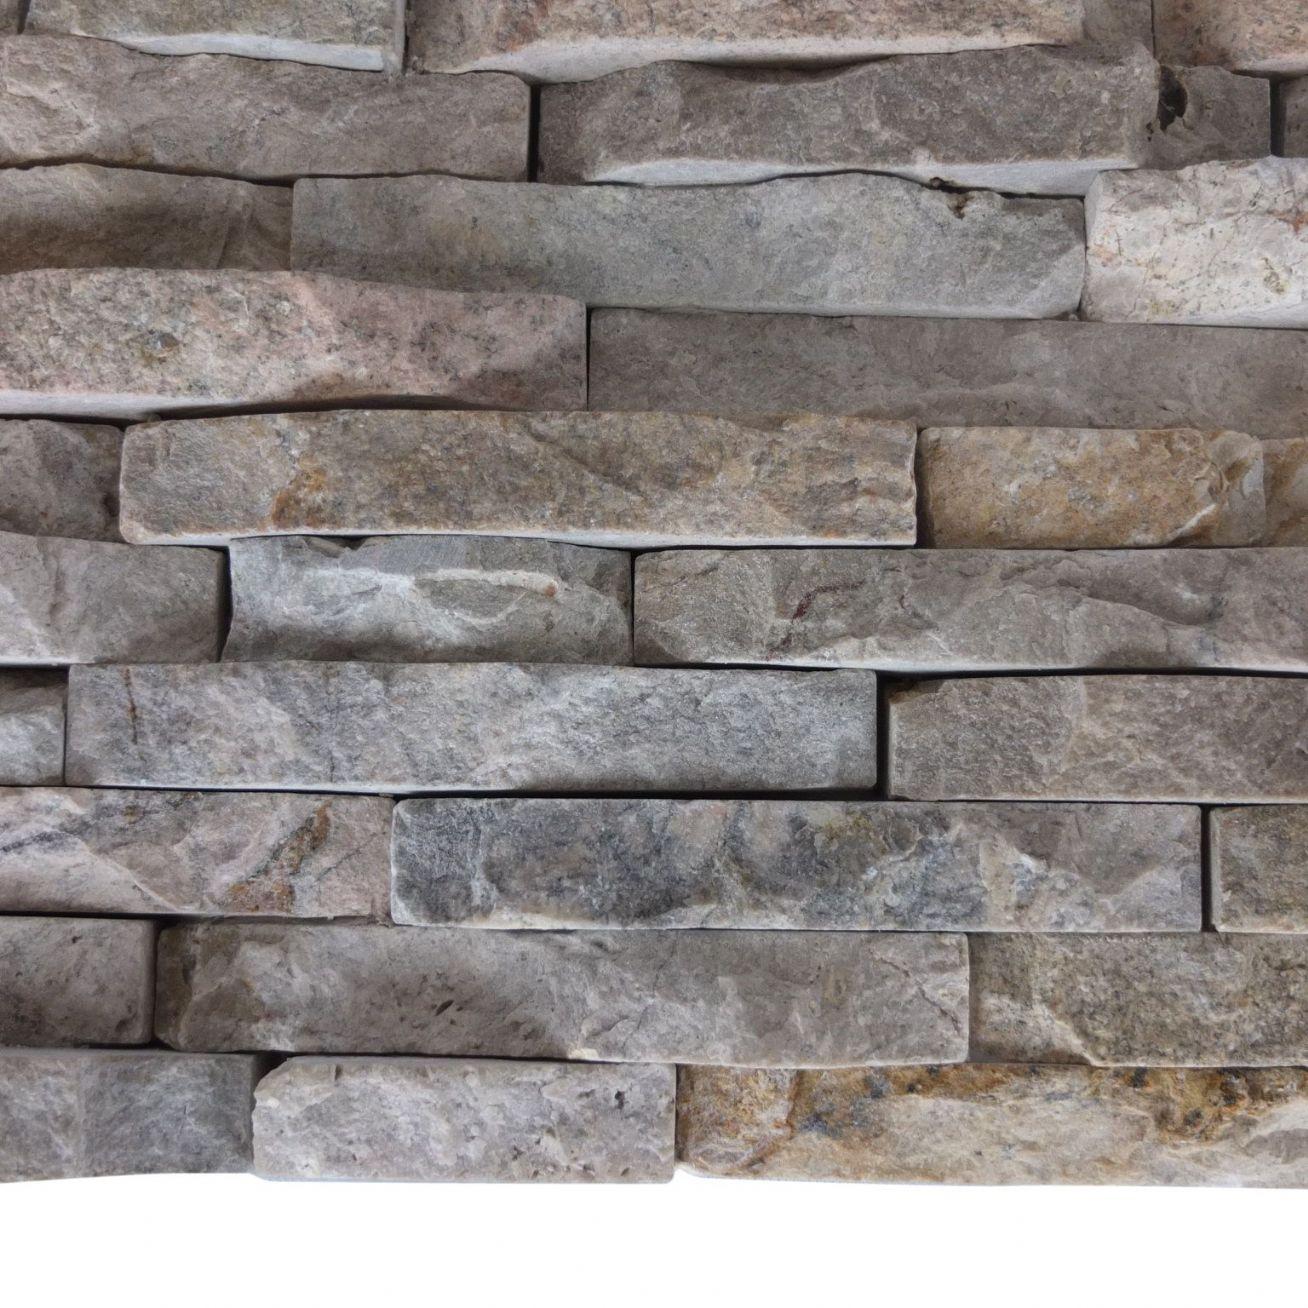 Stone Wall Tile : Sample split face mini mosaic tile ledge stone beige